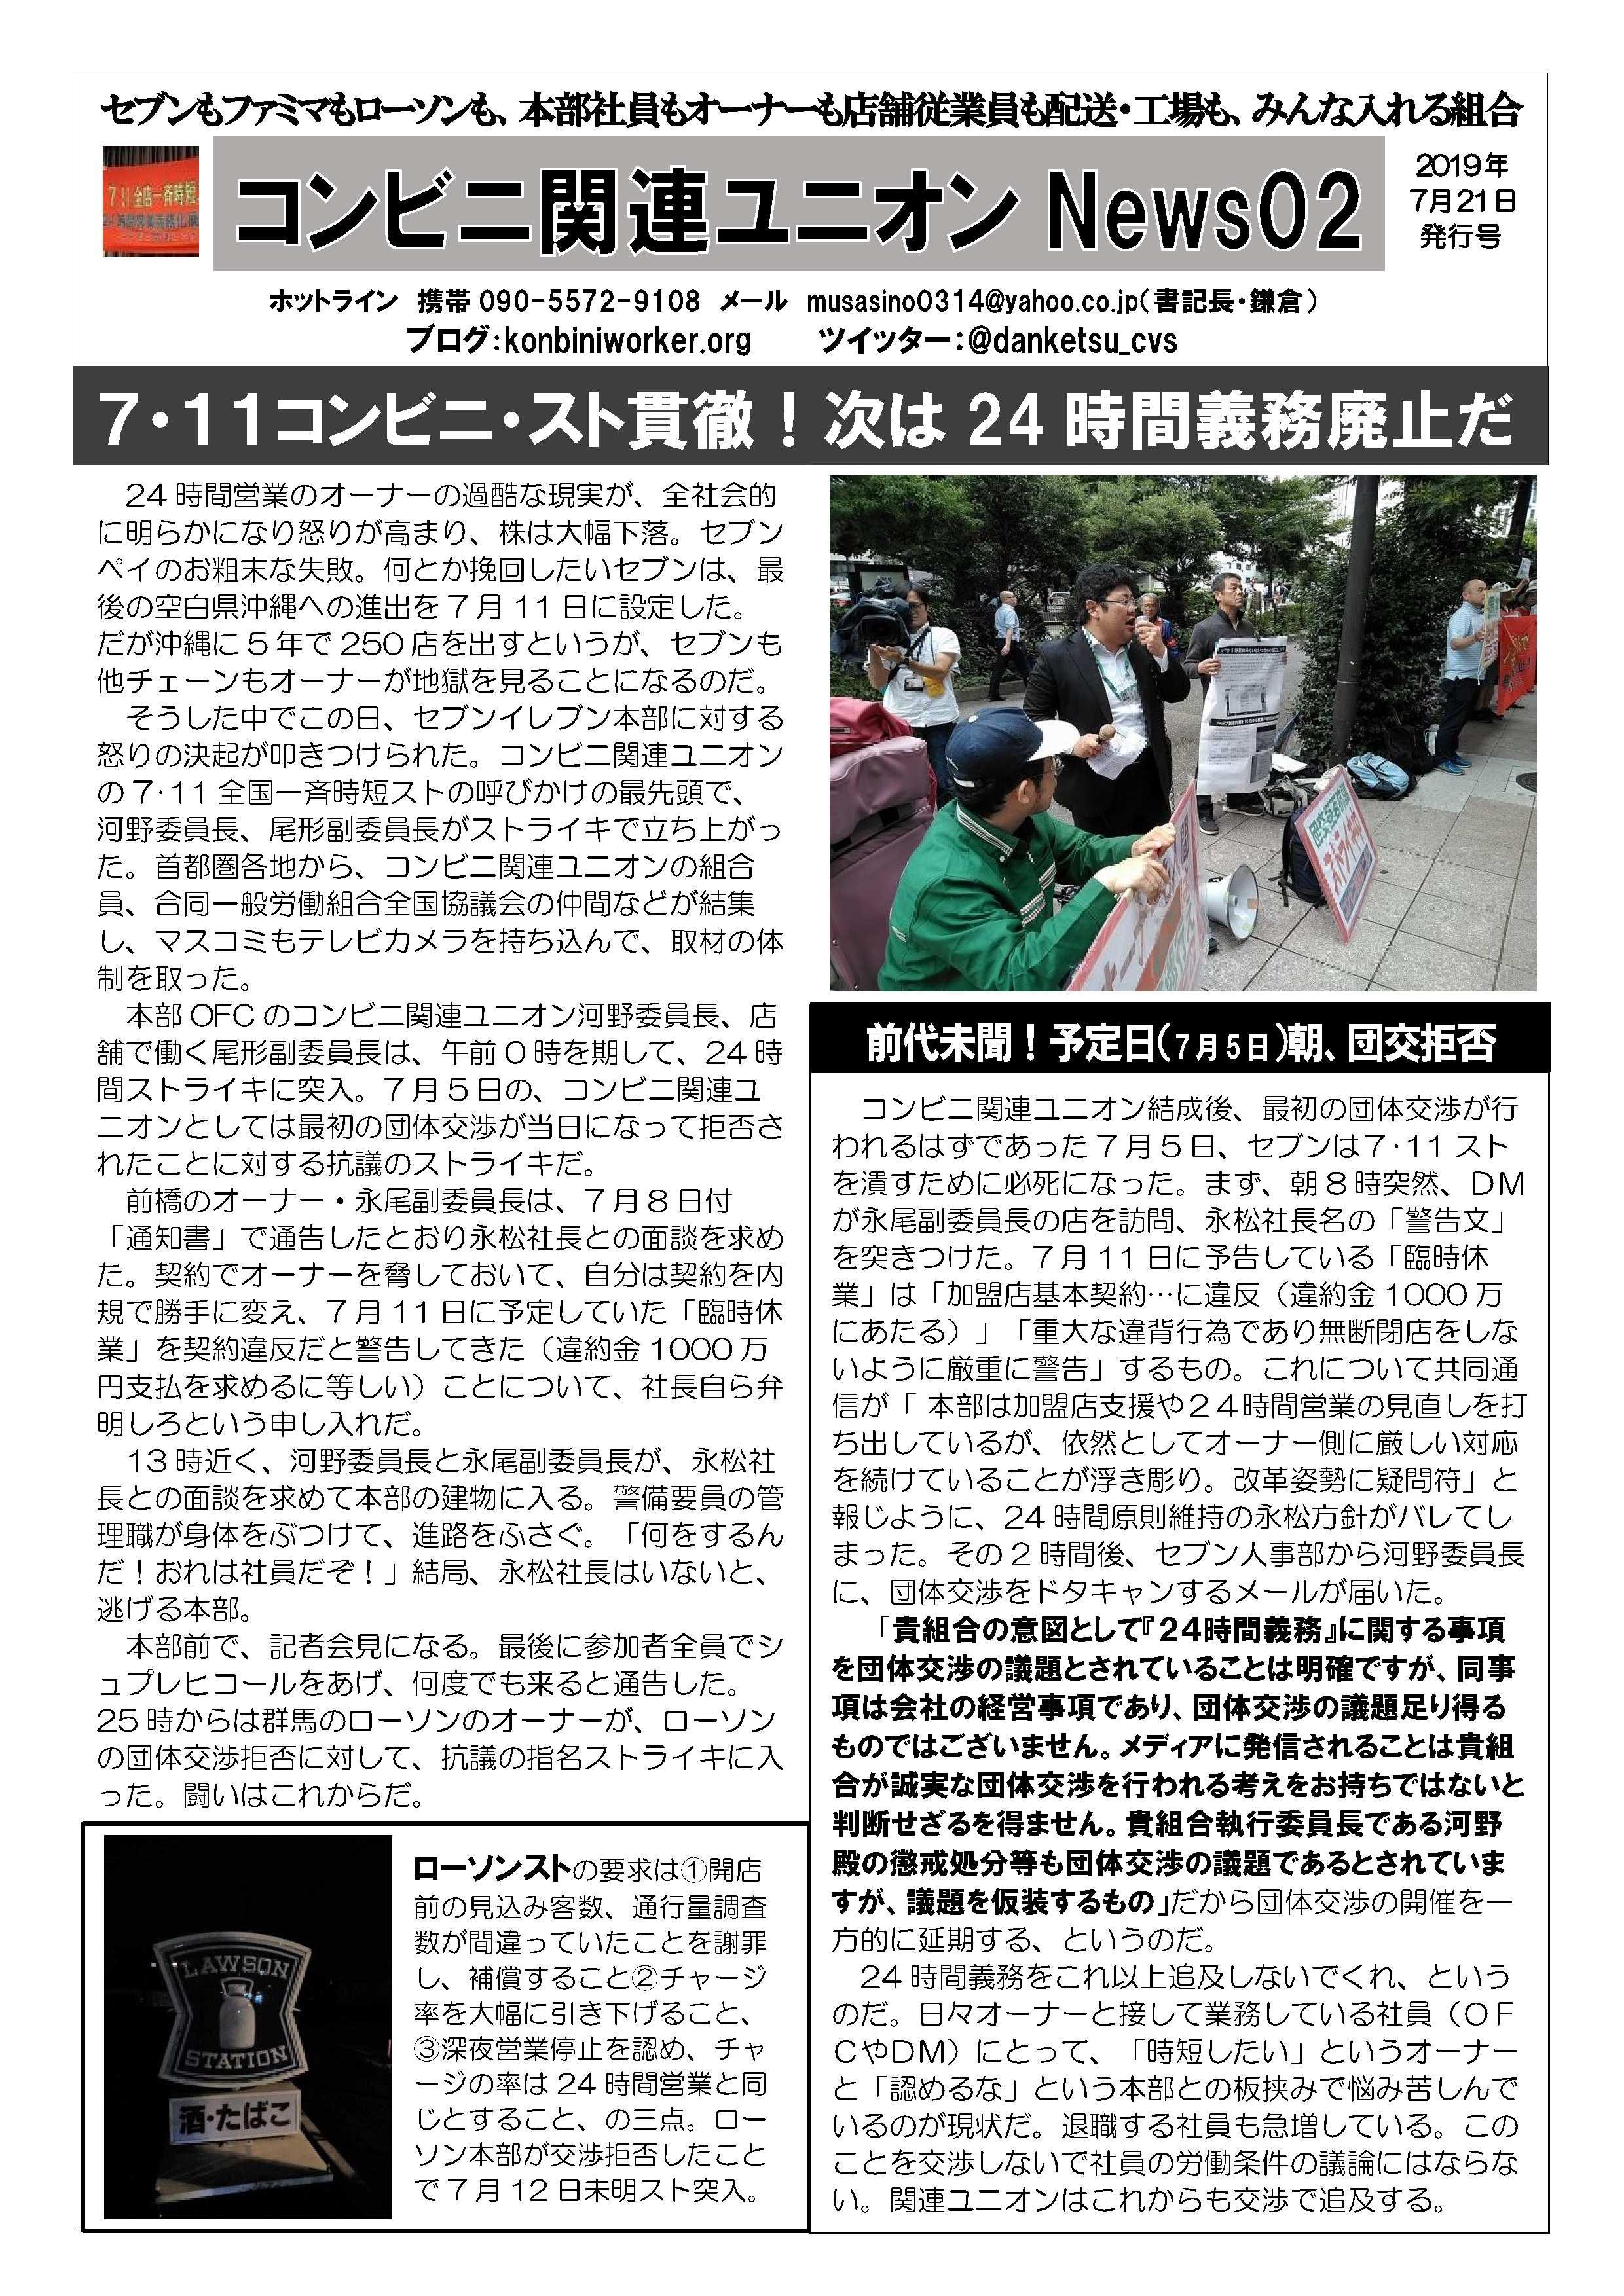 コンビニ関連ユニオンNews02発行